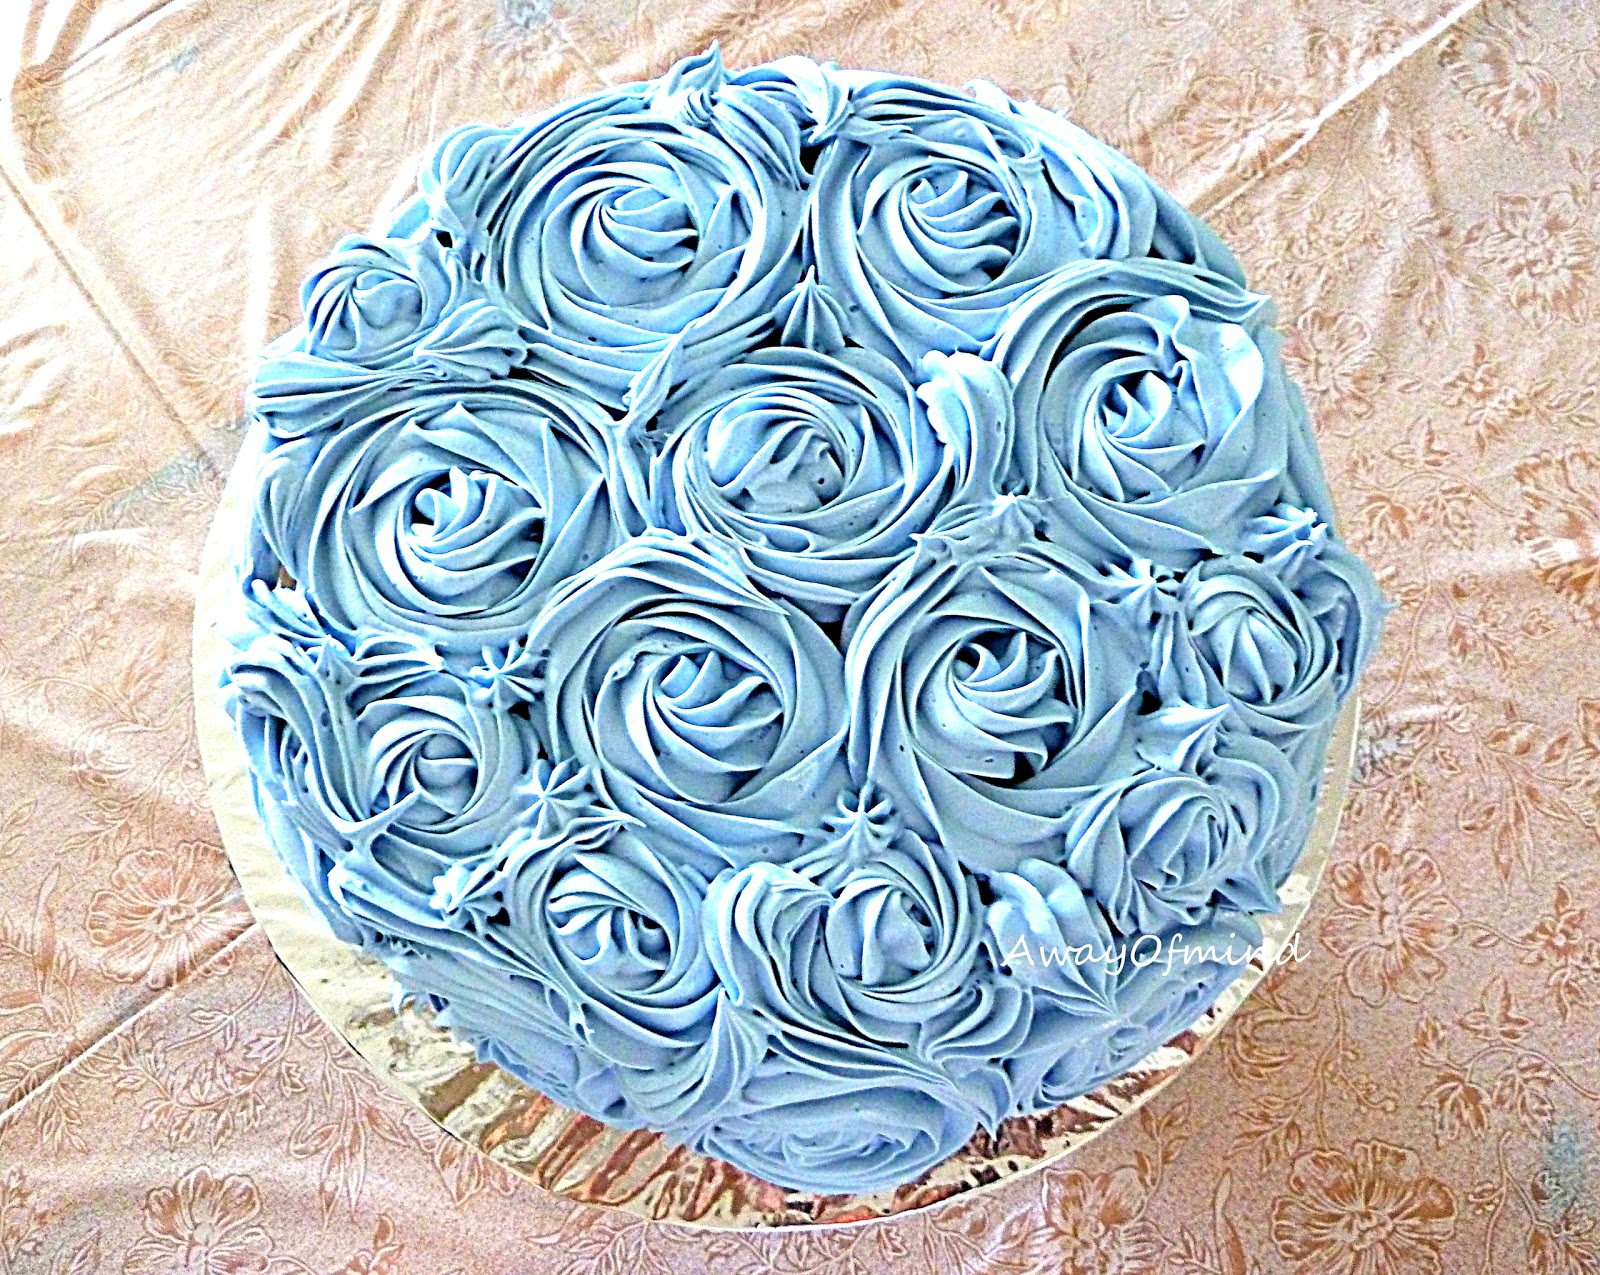 Awayofmind Bakery House: Chocolate Yam/Taro Buttercream Rose Cake